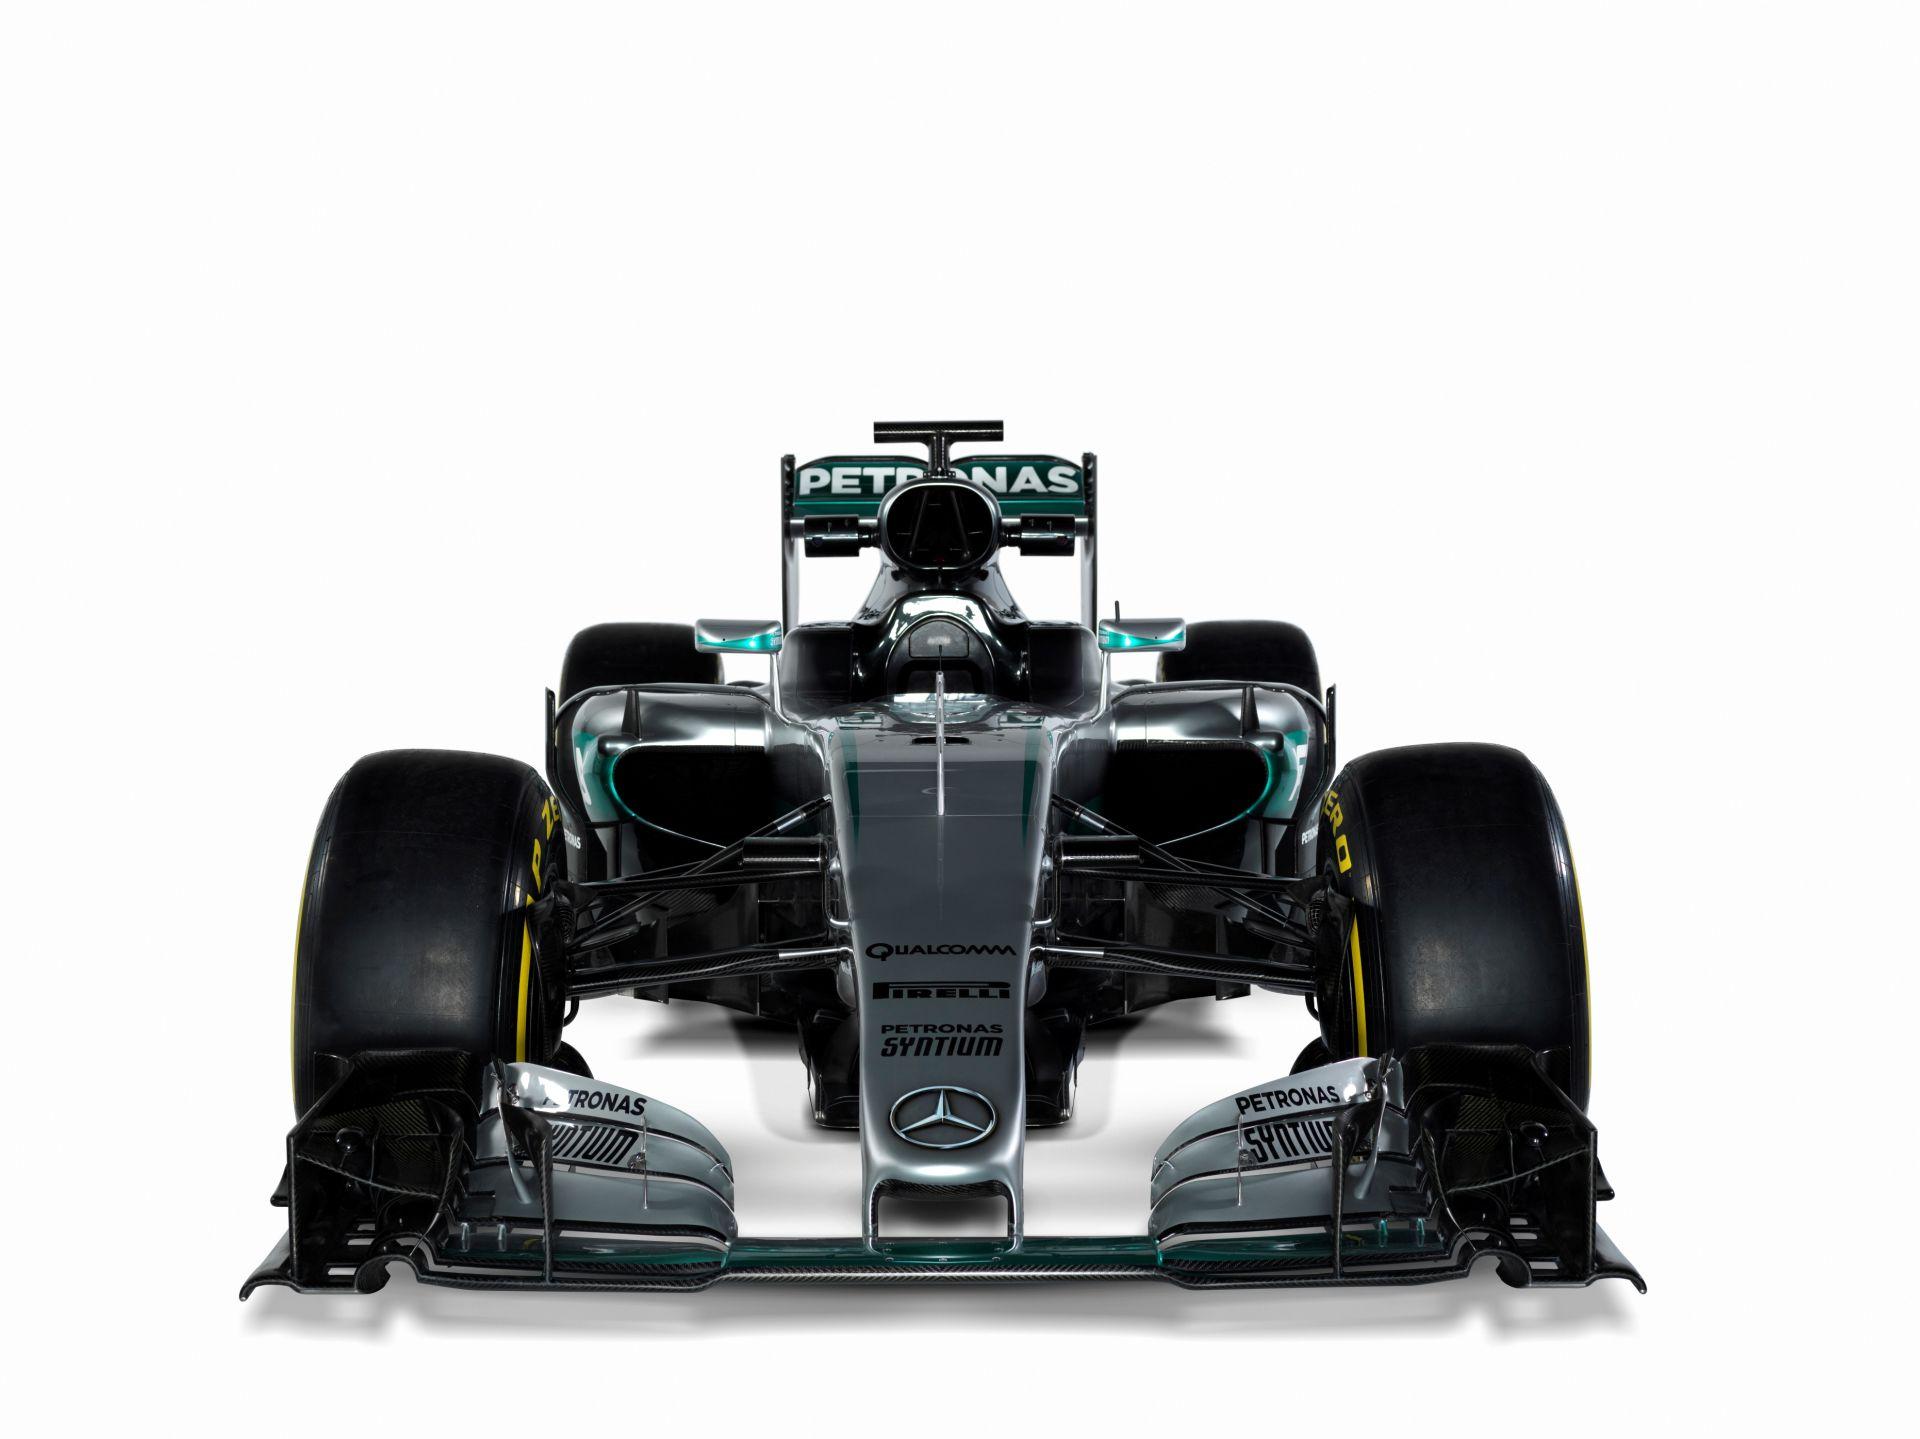 Sok miniforradalom a Mercedes W07 kasztnija alatt, ettől lesz alapjaiban új a kocsi